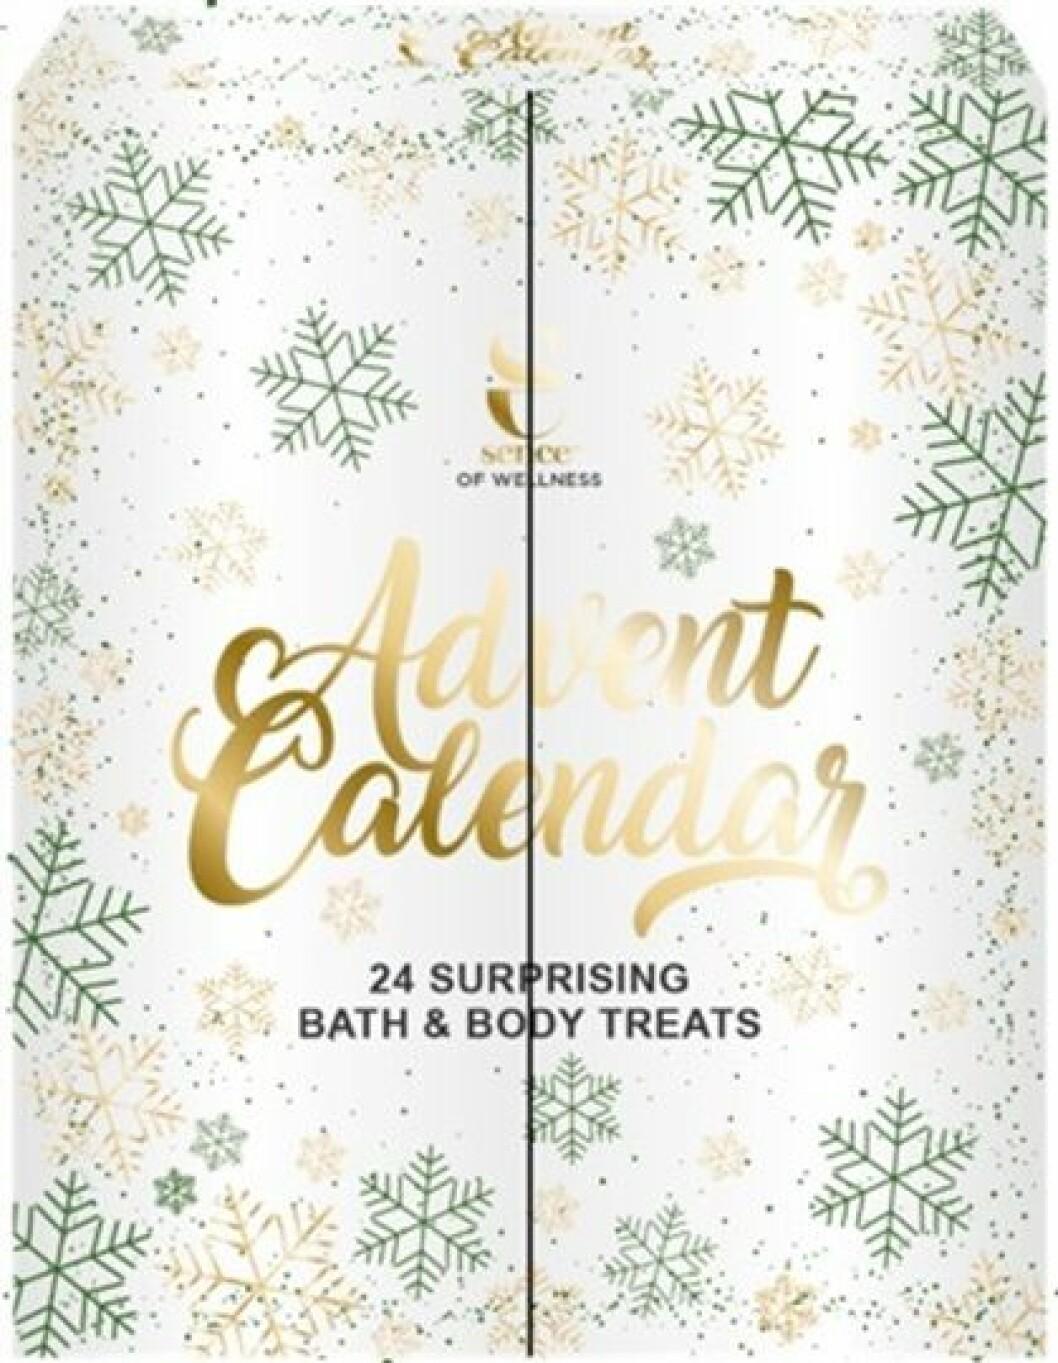 Adventskalender med produkter för kropp och bad till julen 2019